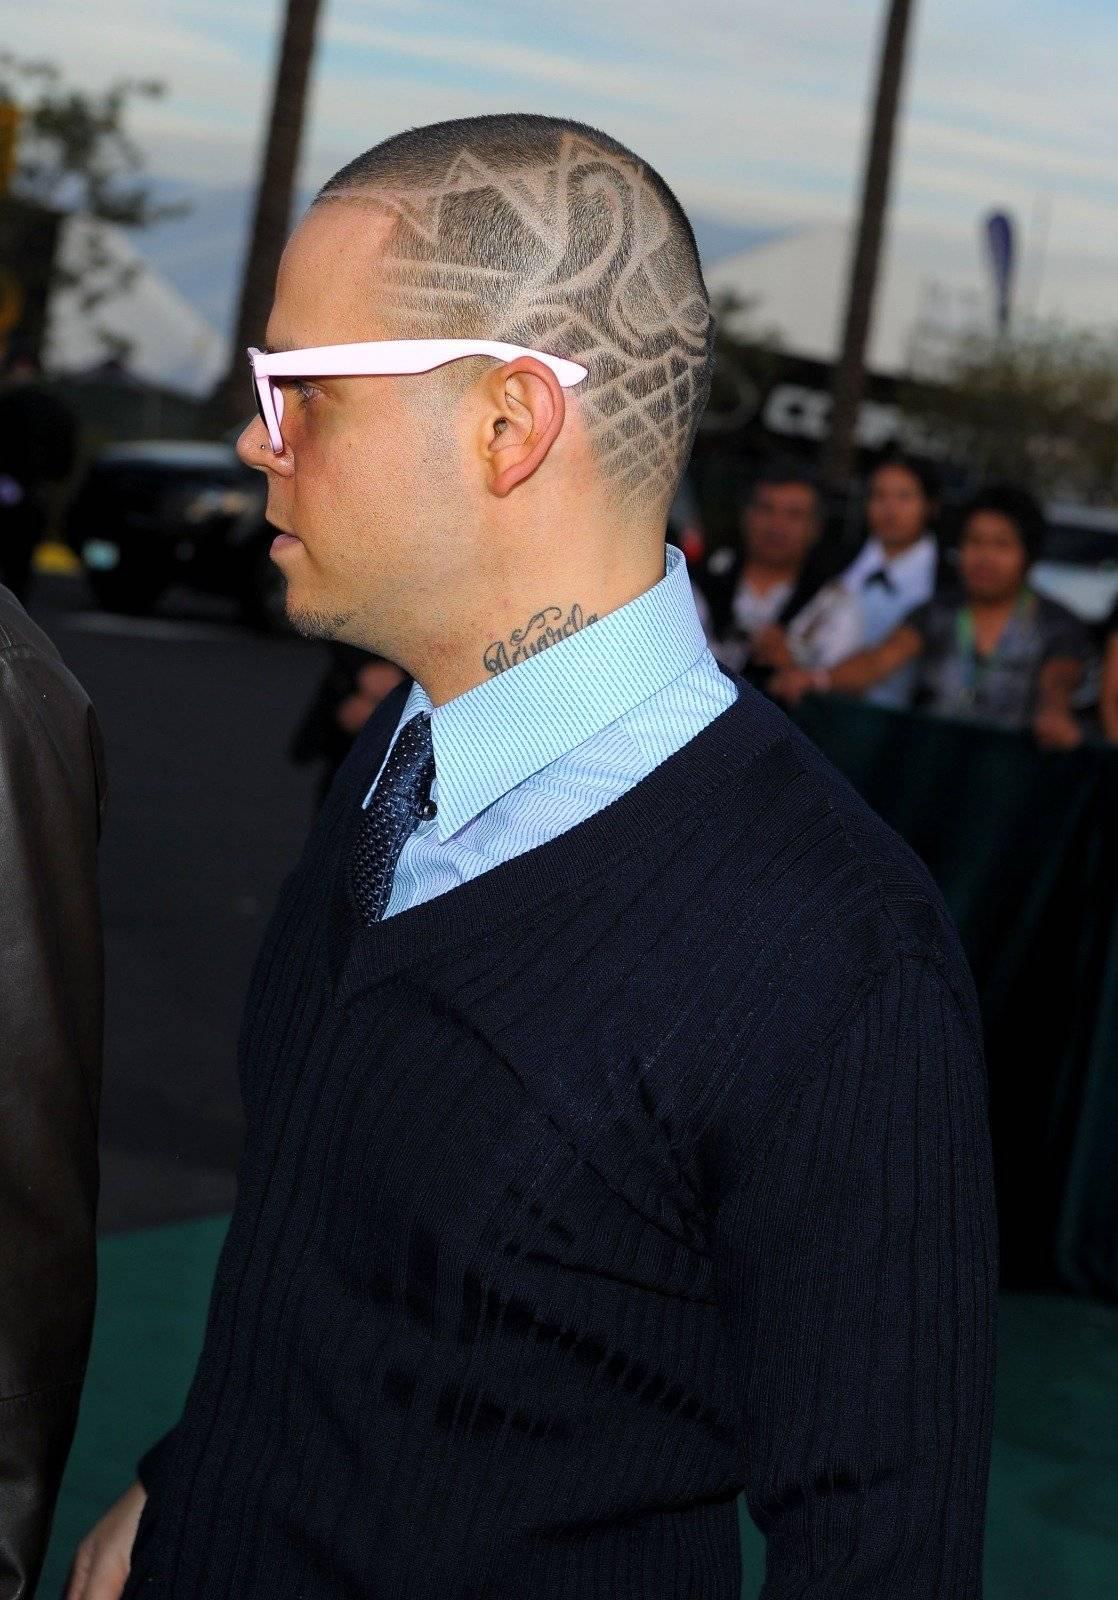 Residente hizo famosos los diseños con líneas en los recortes de cabello. Foto: Getty